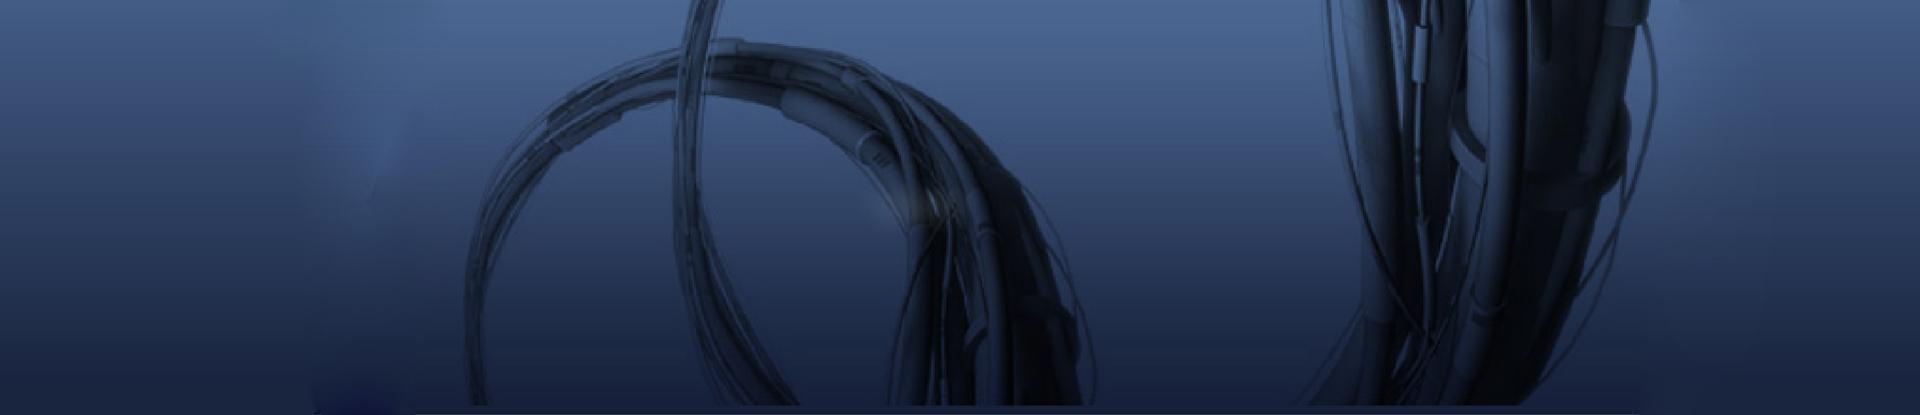 Slider 2 Blueline